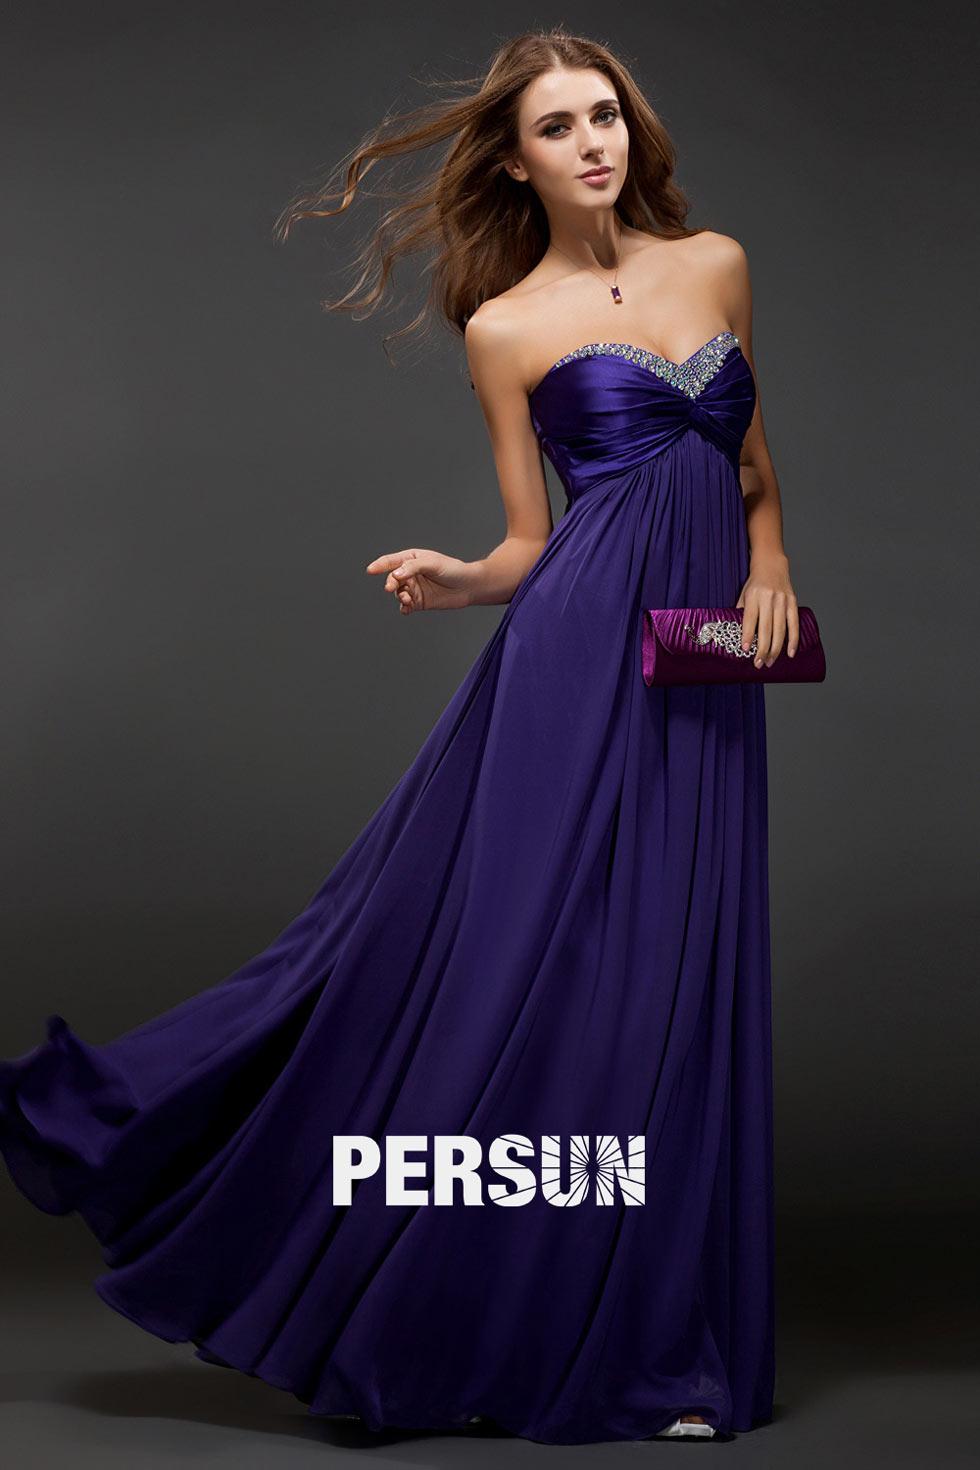 Soirée Pour Les Chic Accessoires Votre Mode De Robe qSwOwxYA